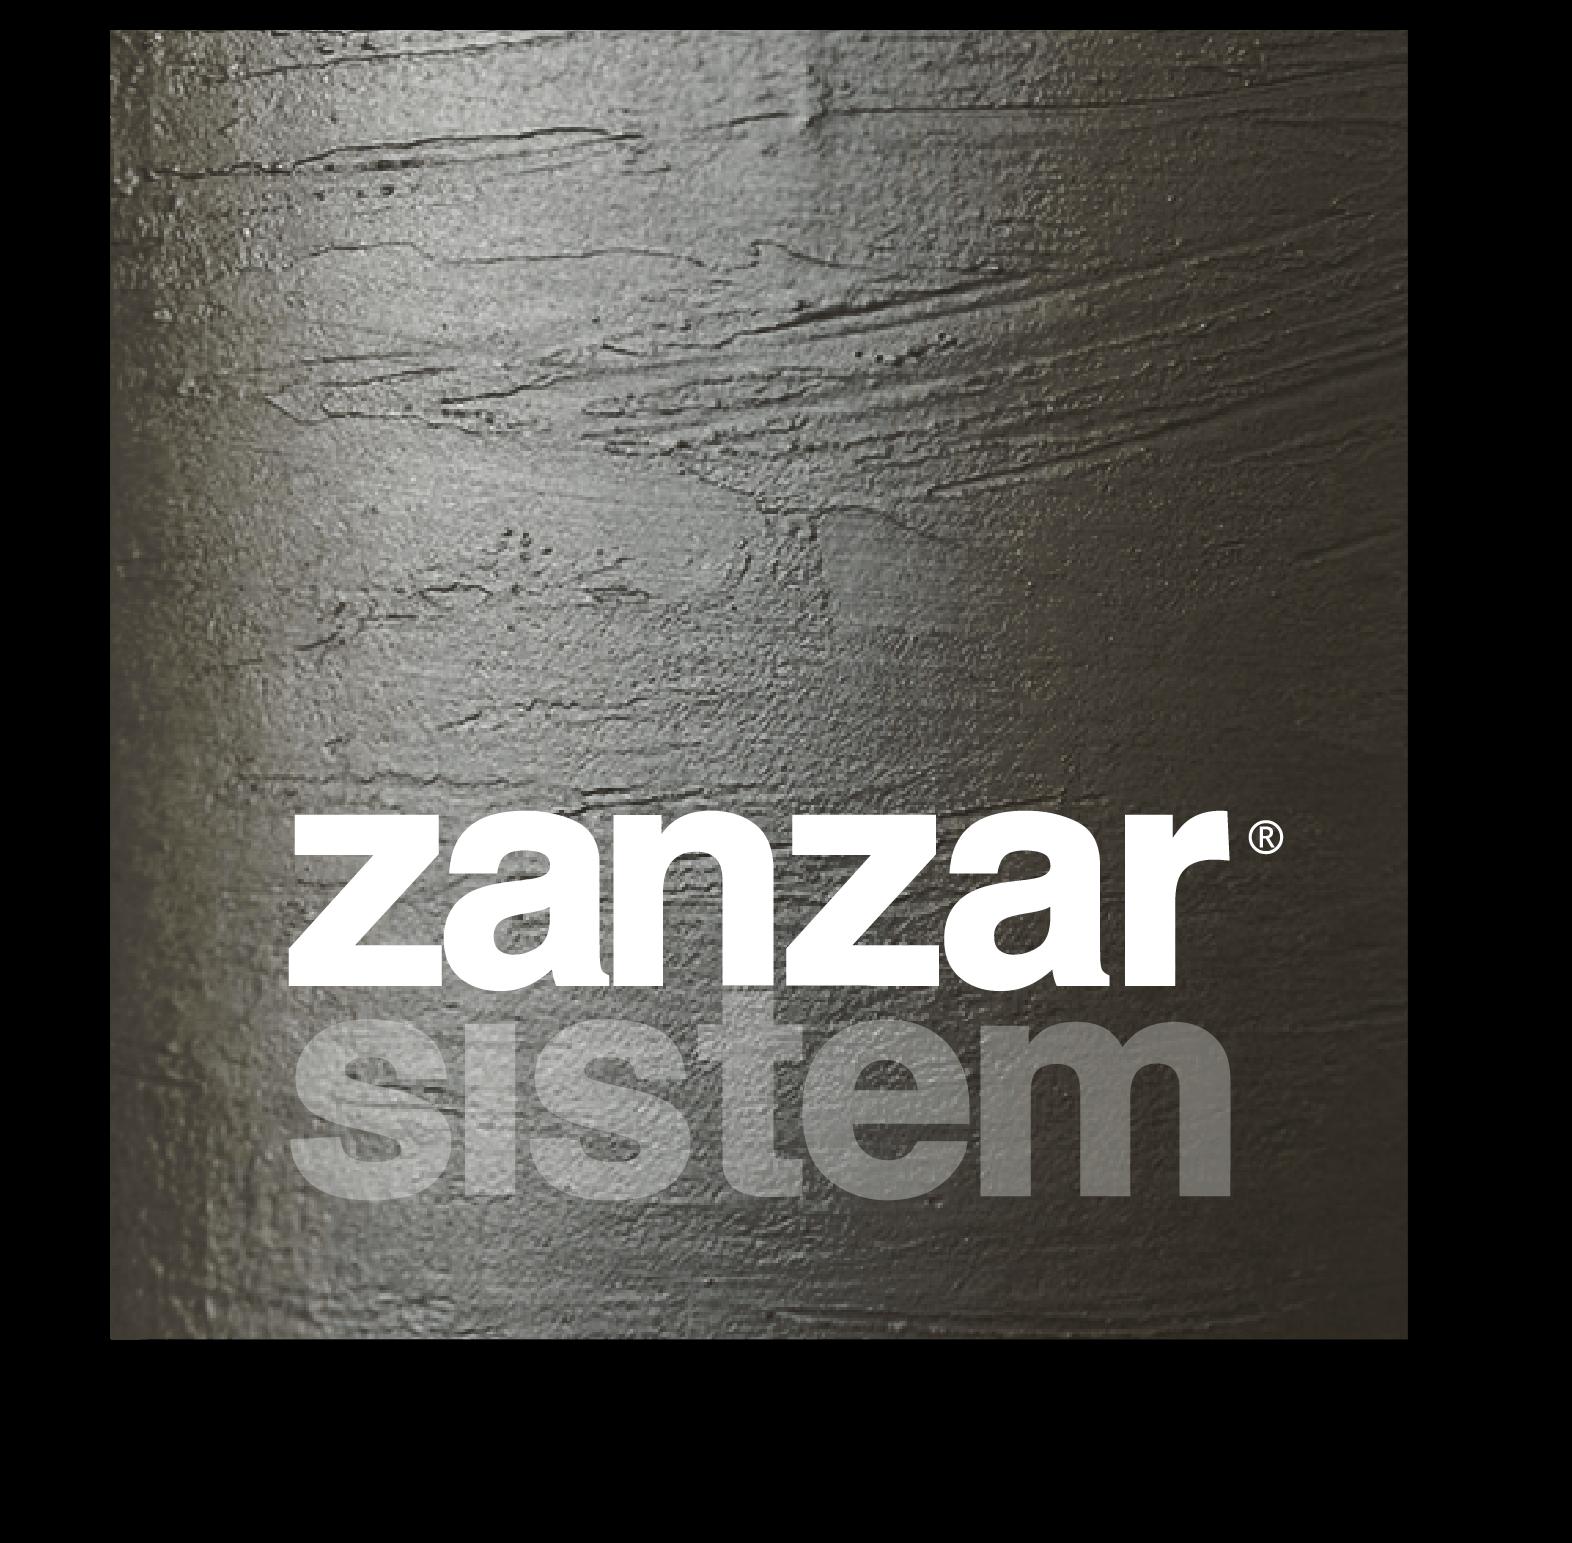 Zanzar | produzione e vendita sistemi di zanzariere, Tapparelle, Tende Tecniche, Persiane